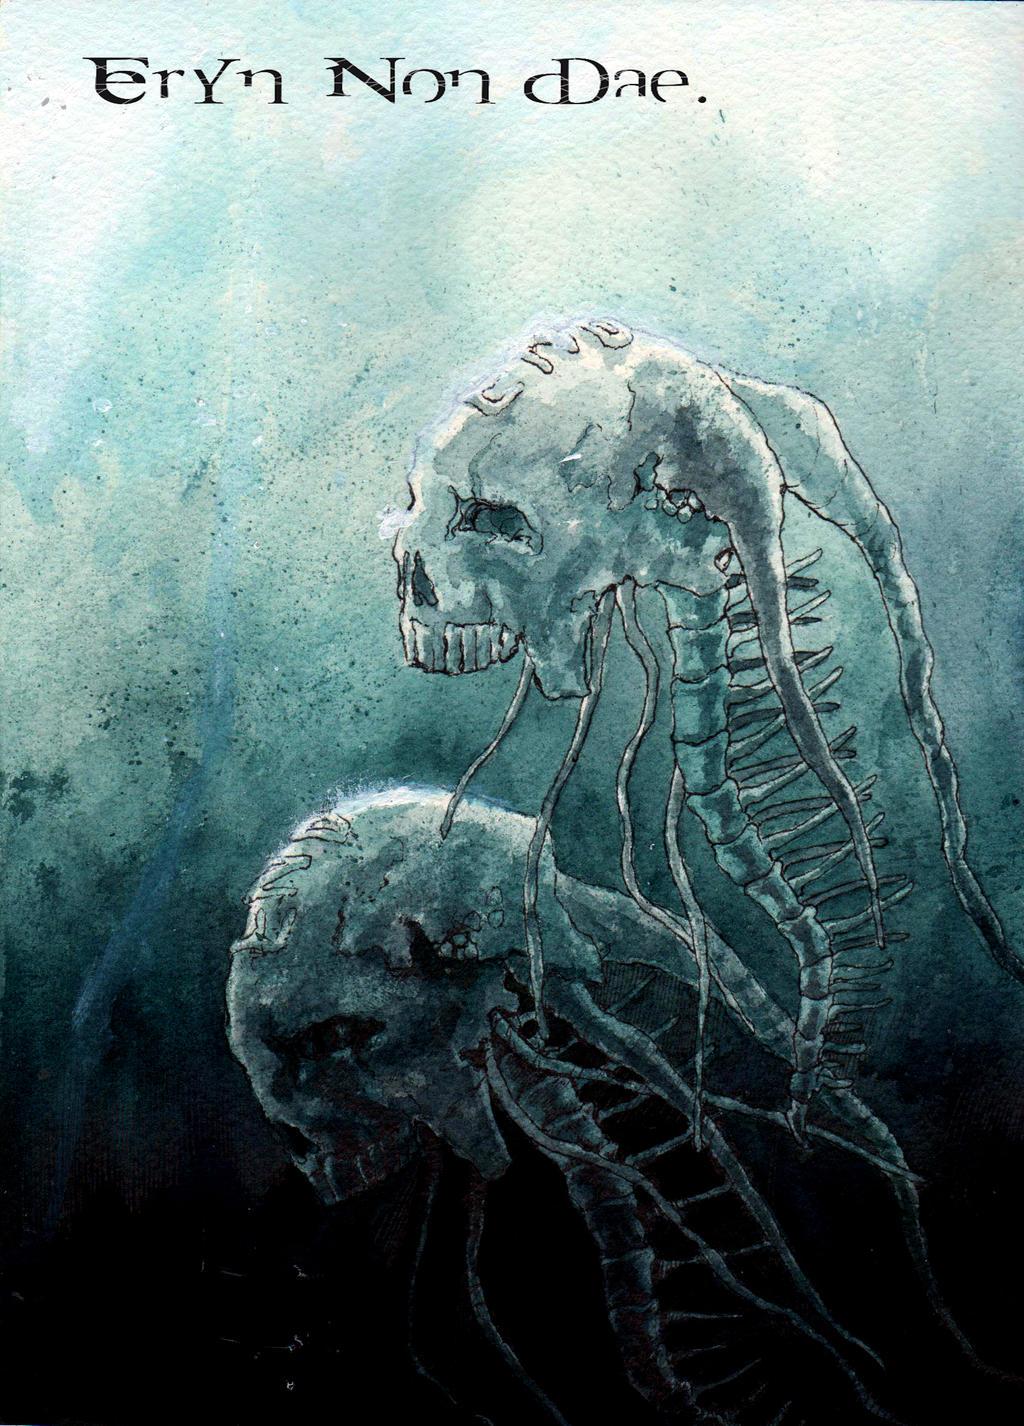 Dead Water by AlexSvartengel